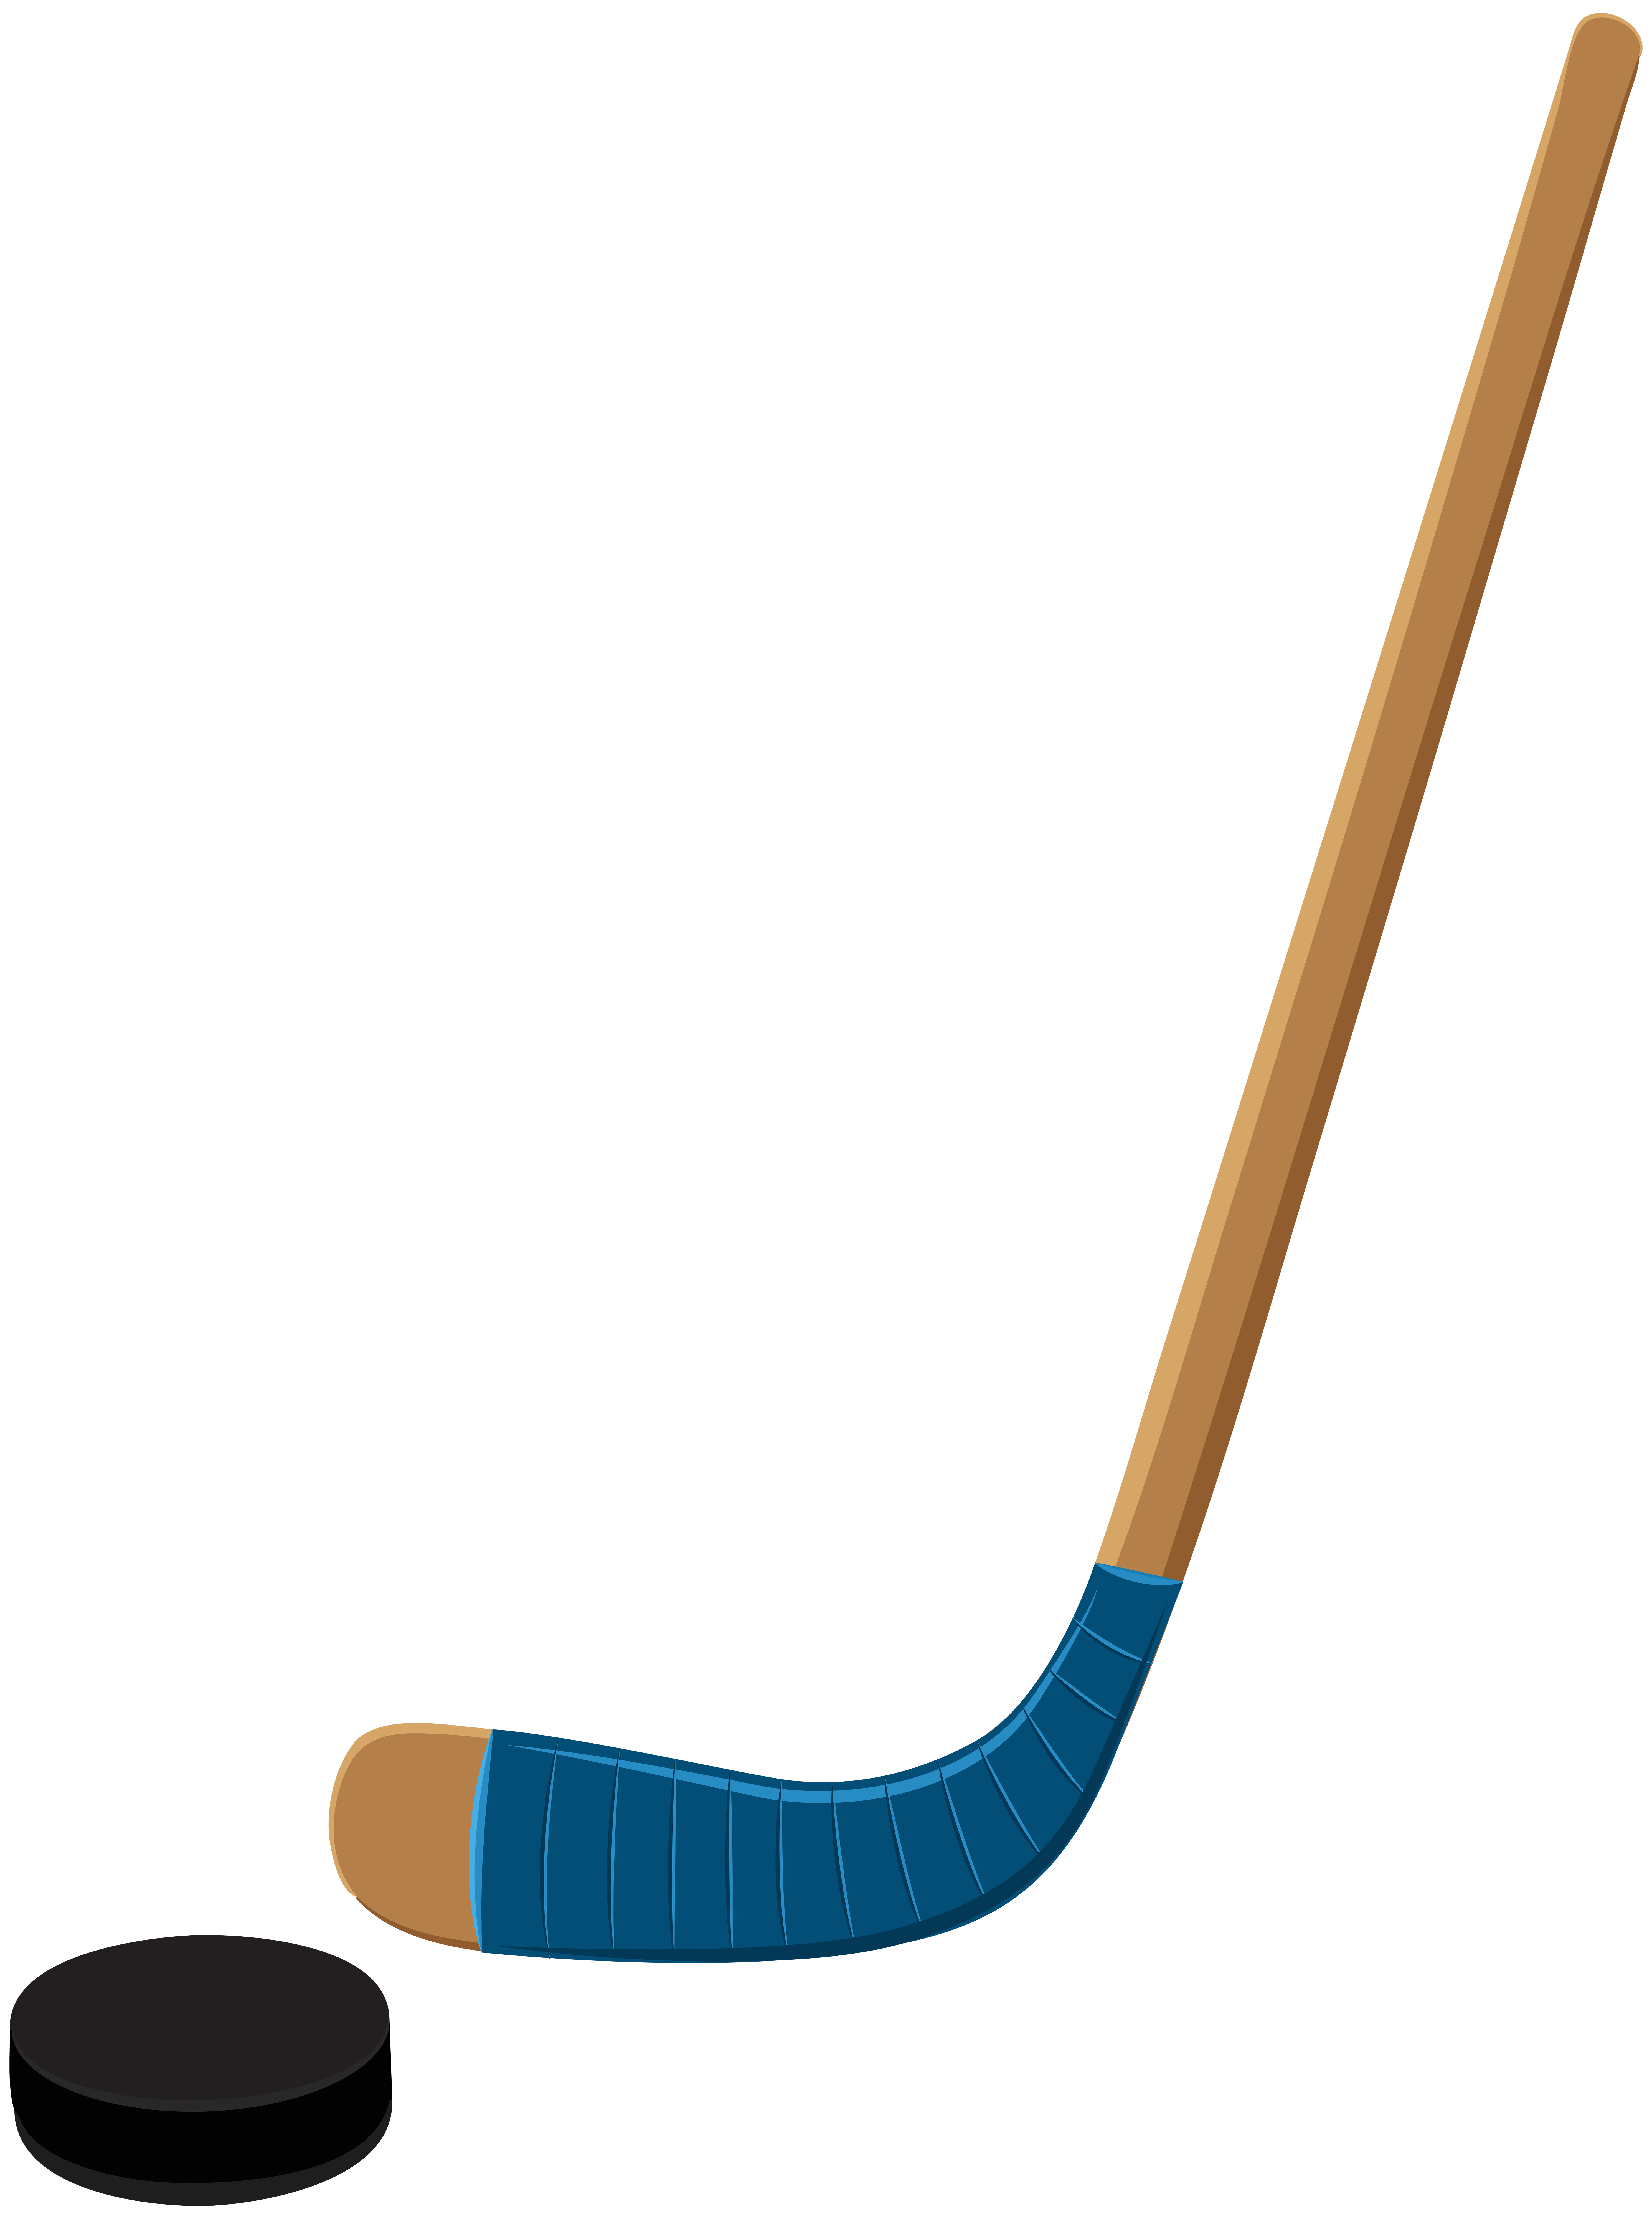 Field hockey and ice hockey stick clipart jpg free stock Field Hockey Stick Drawing | Free download best Field Hockey Stick ... jpg free stock